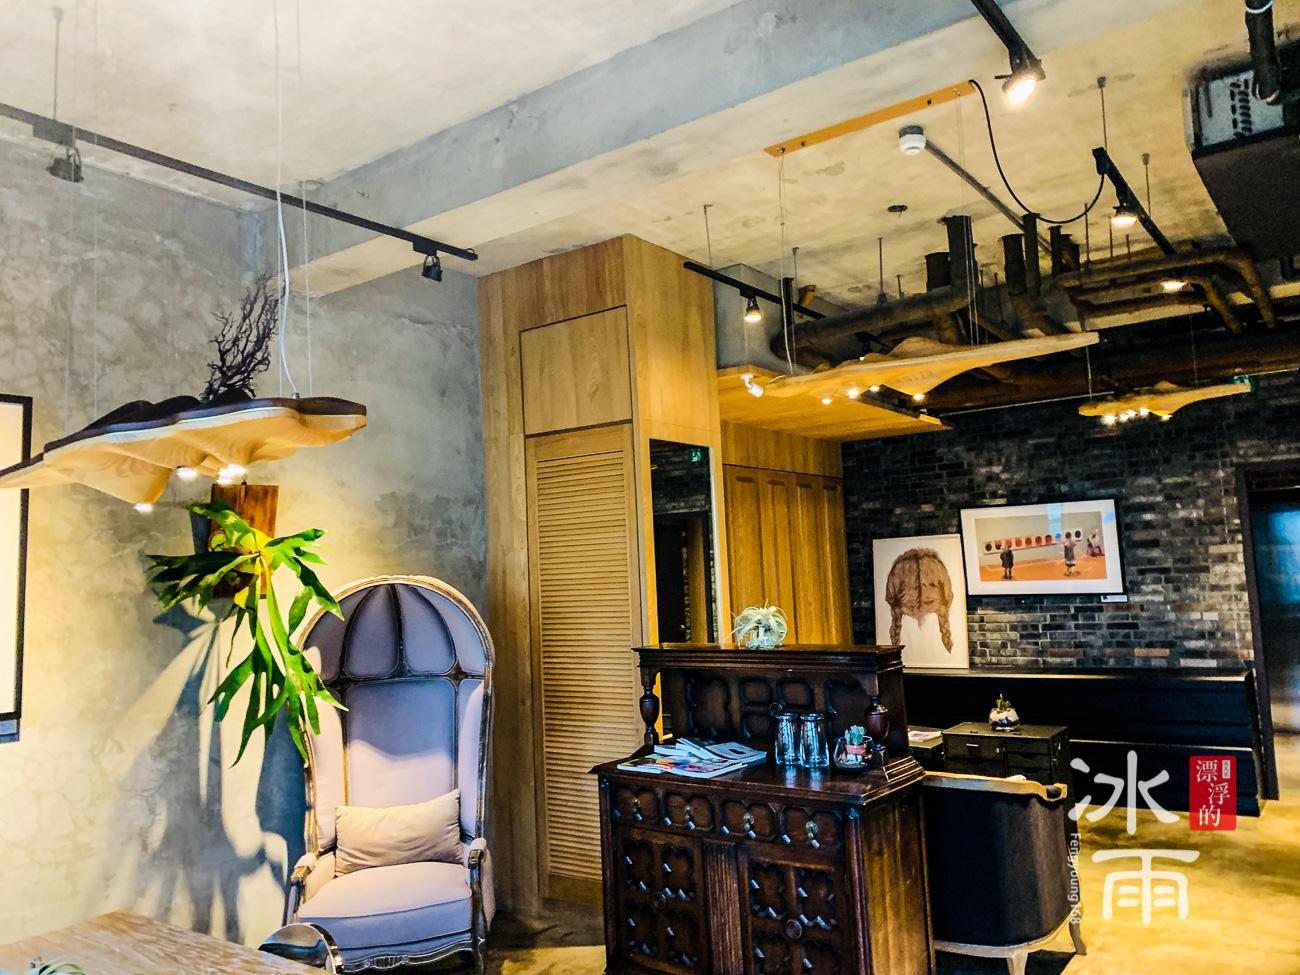 帕鉑舍旅 高雄住宿推薦 二樓有超多可以拍照的角落,是網美的最愛